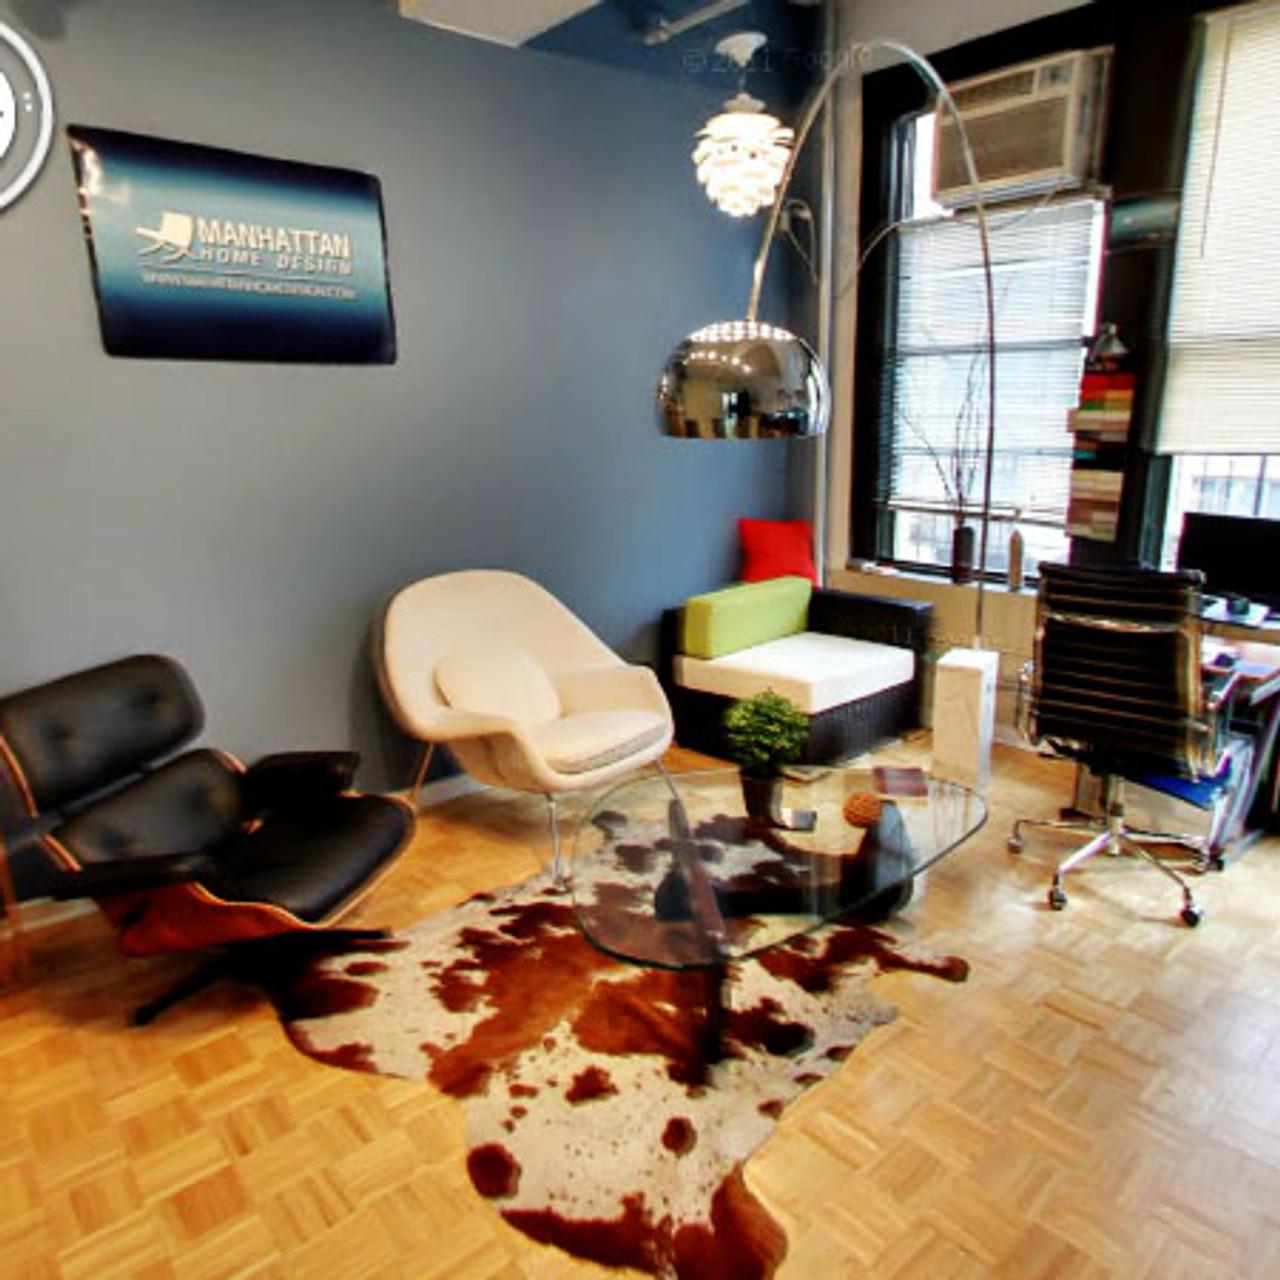 Manhattanhomedesign.com Google Virtual Tour